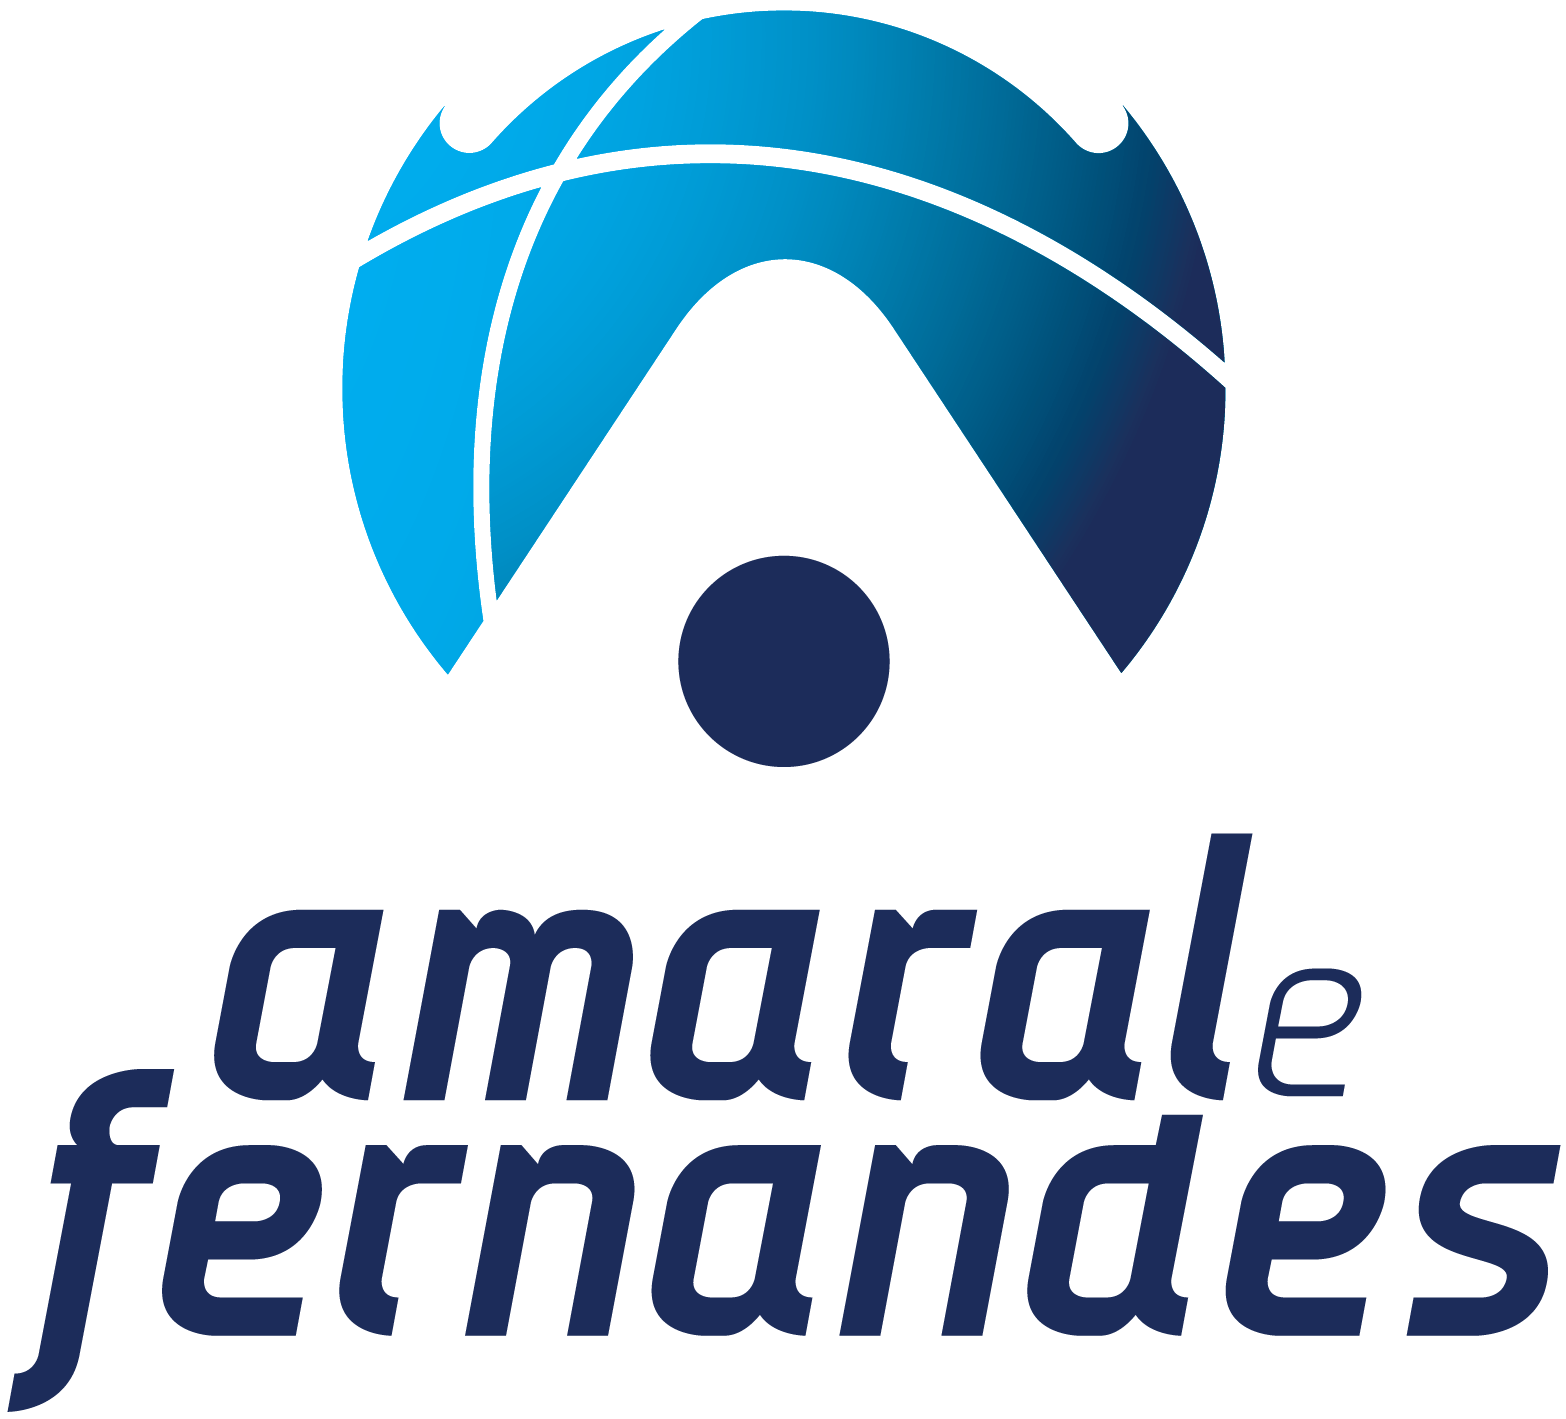 Amaral & Fernandes